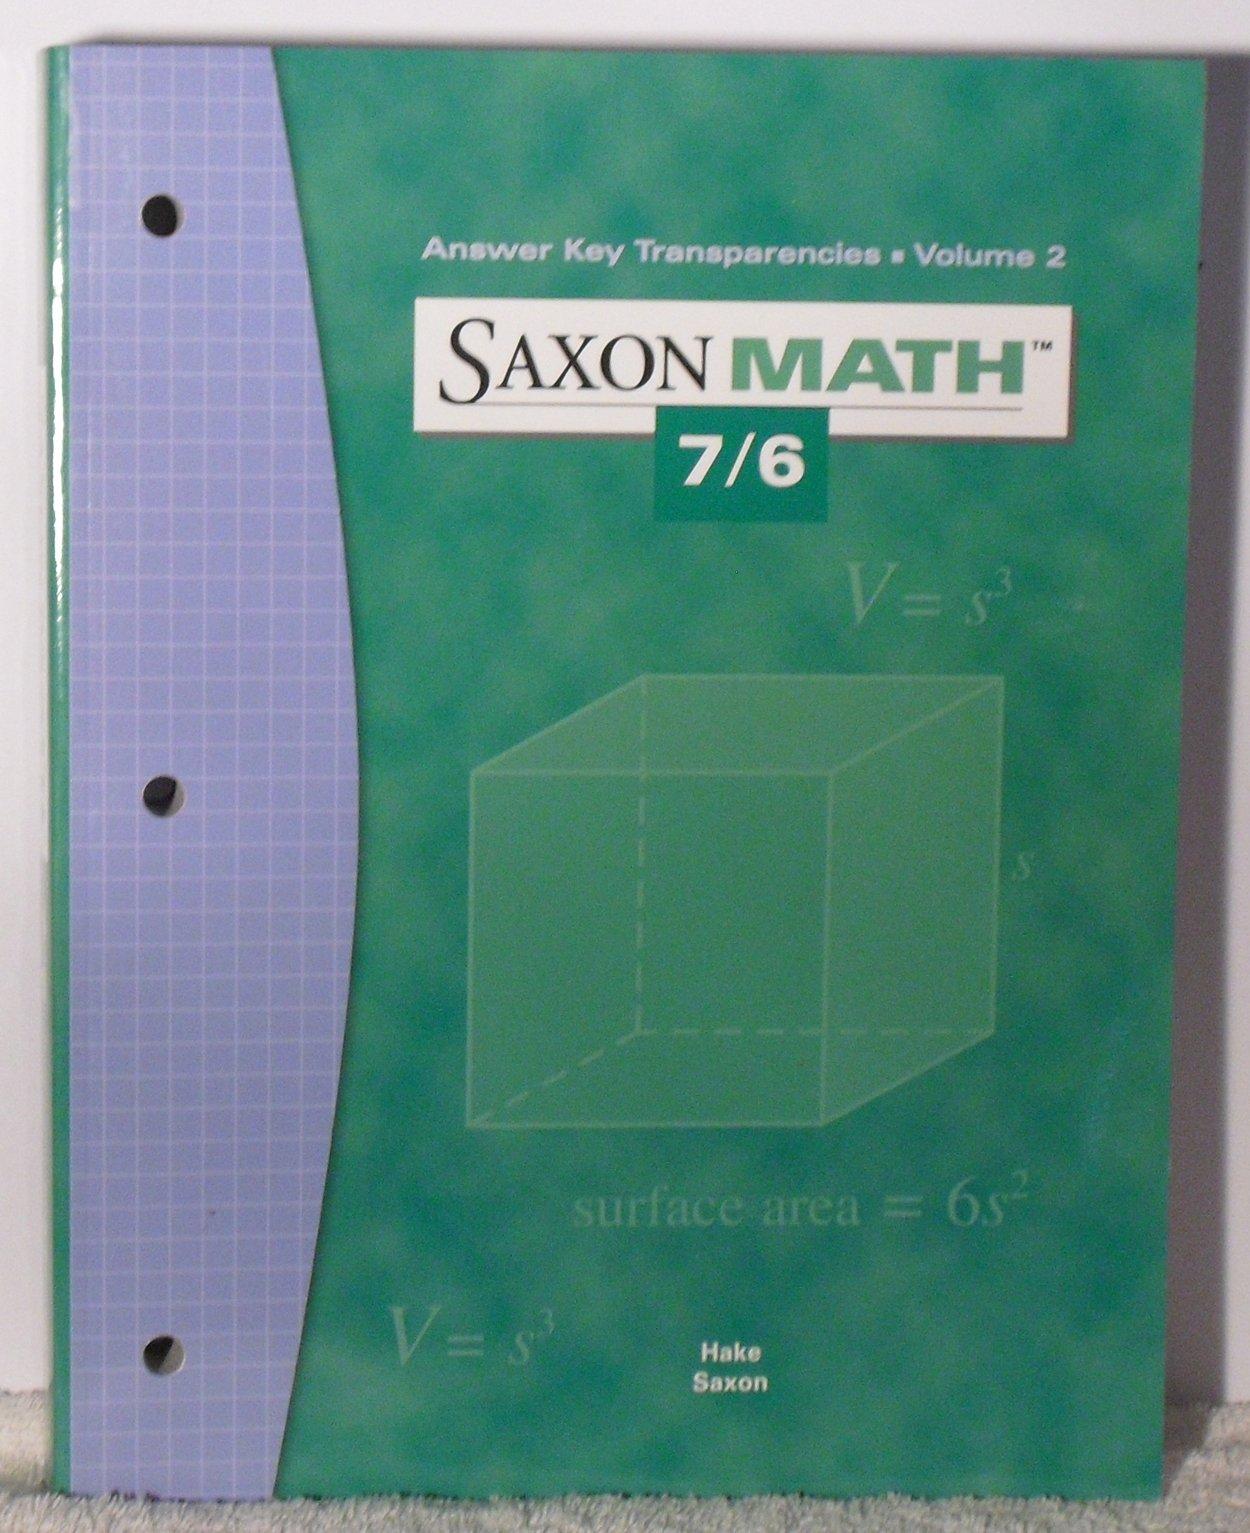 Answer Key Transparencies (Saxon Math 7/6, Volume 2): Hake Saxon ...